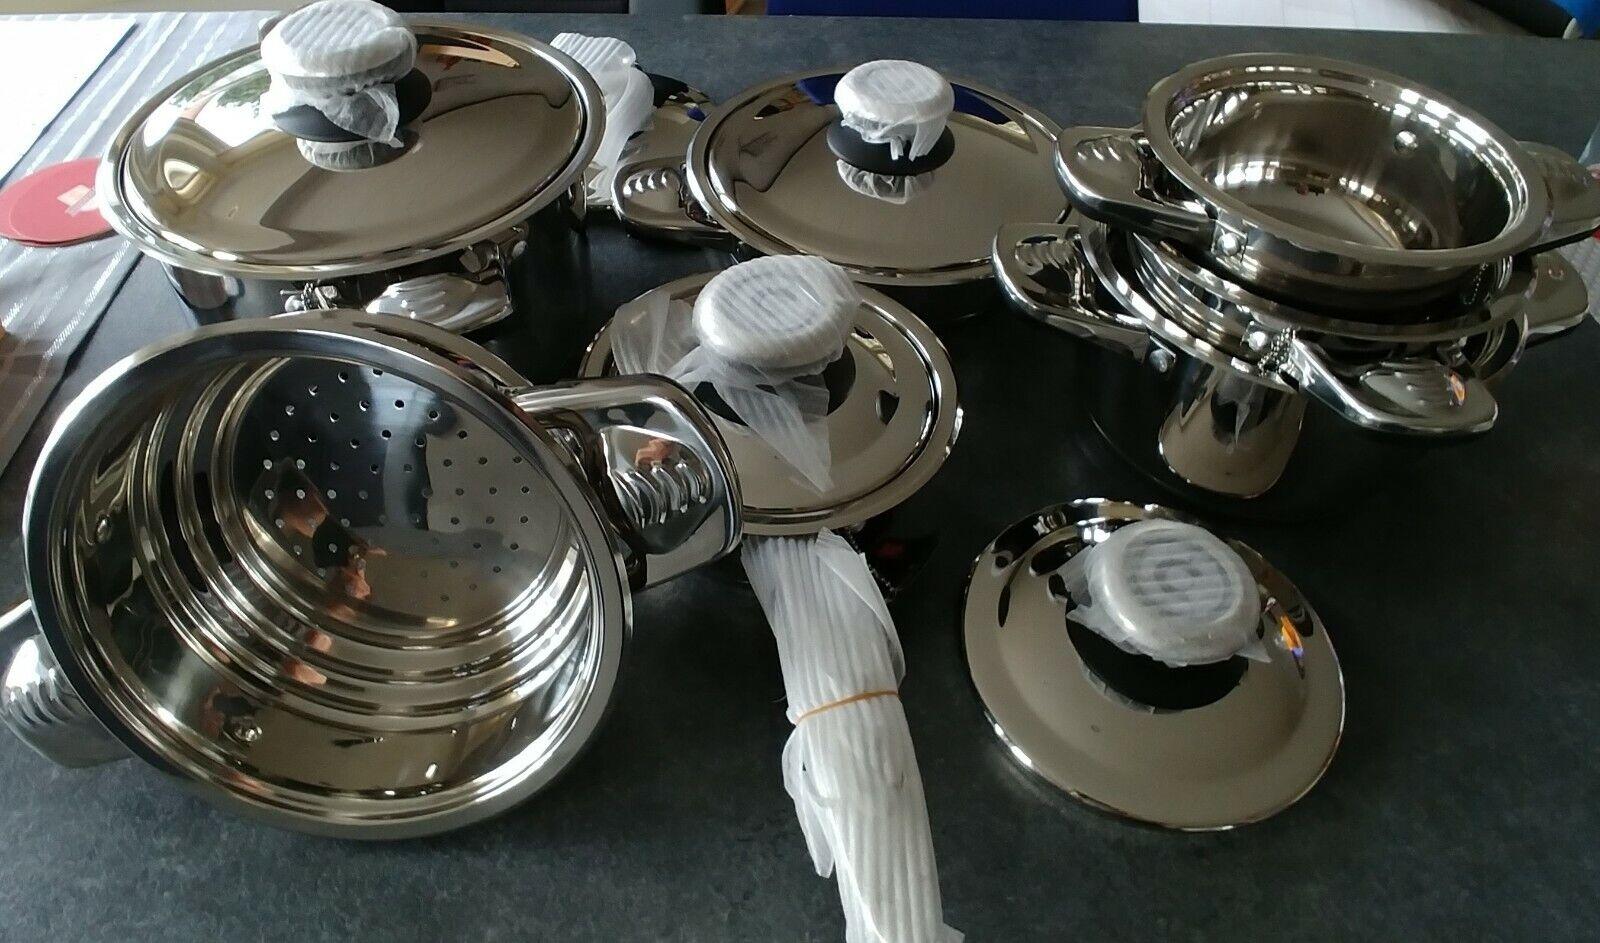 Kochtopf Set 12 tlg (für (für (für Induktion, Gas, Elektro, Glaskeramik oder Halogenplatte 432a1a